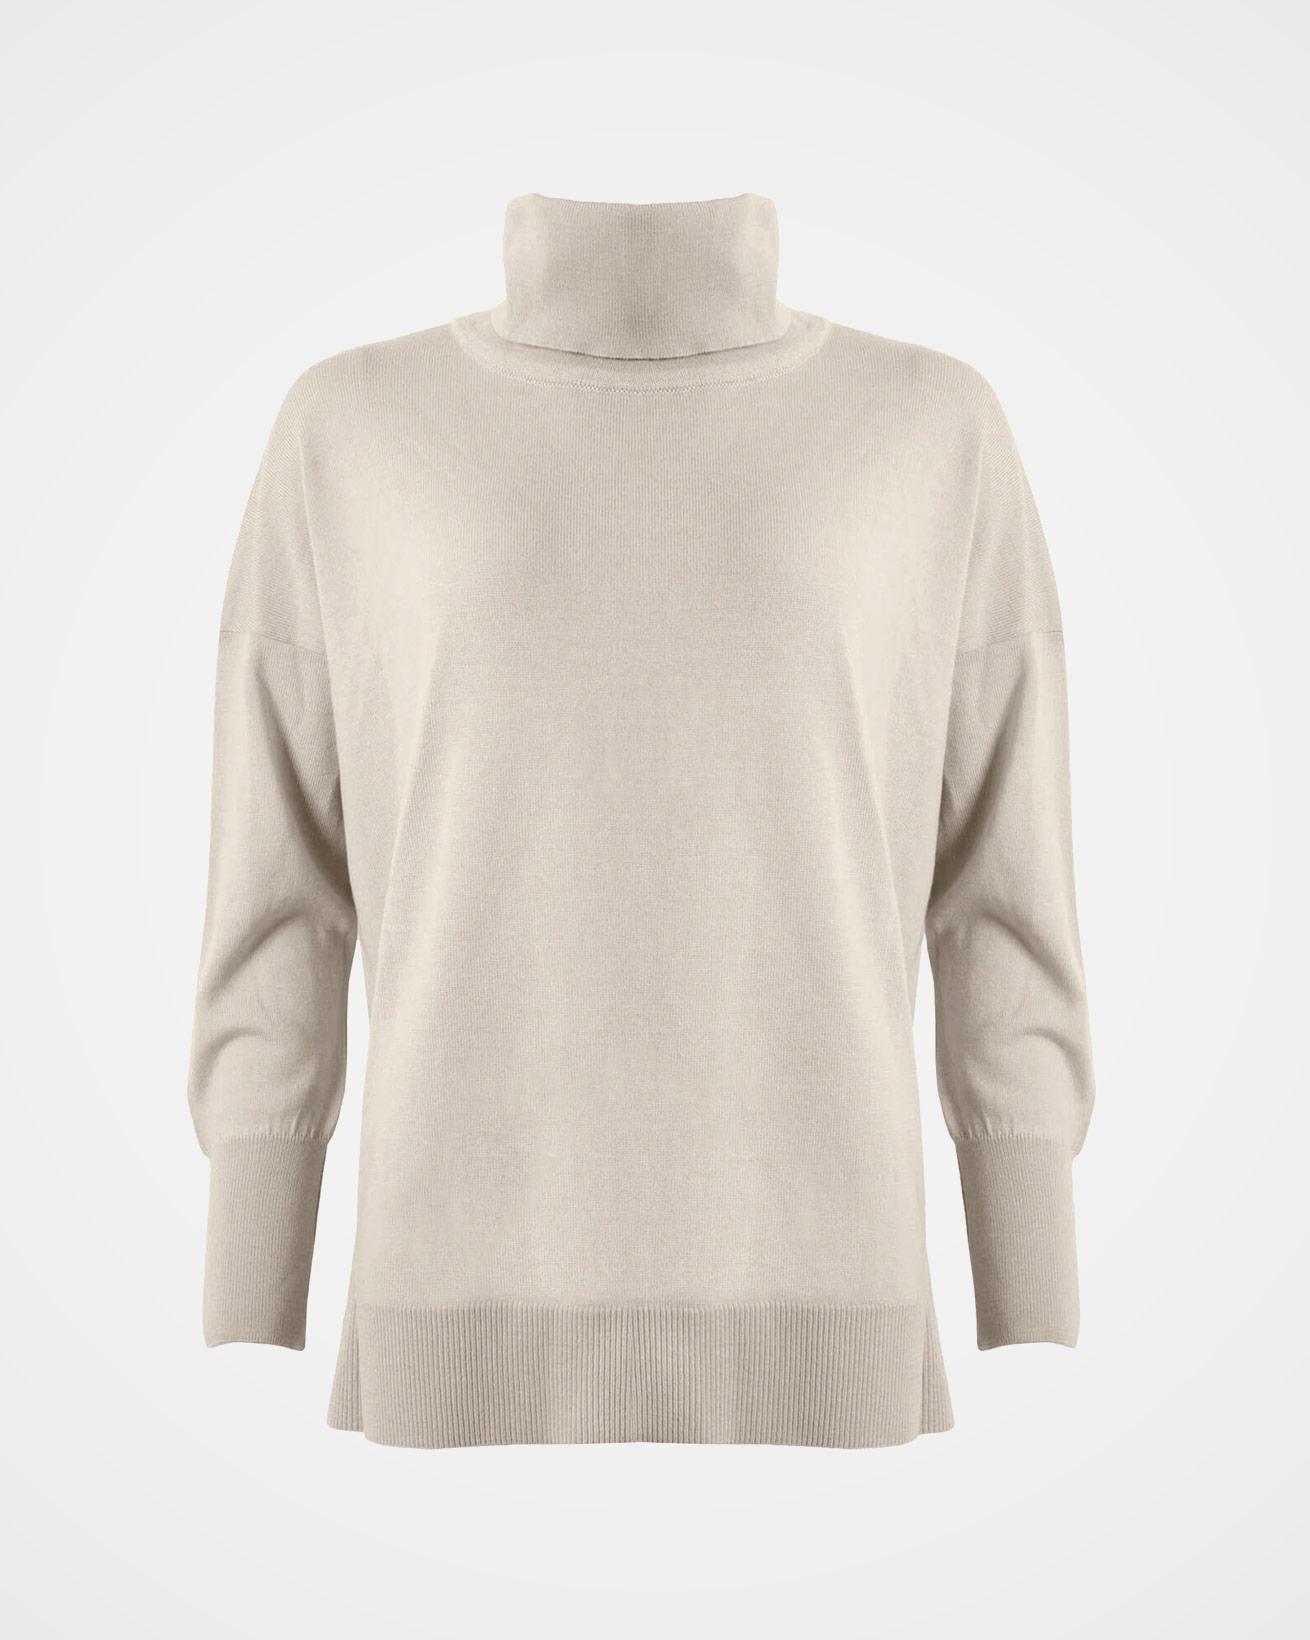 7401_slouchy-fine-knit-roll-neck_oatmeal_front.jpg